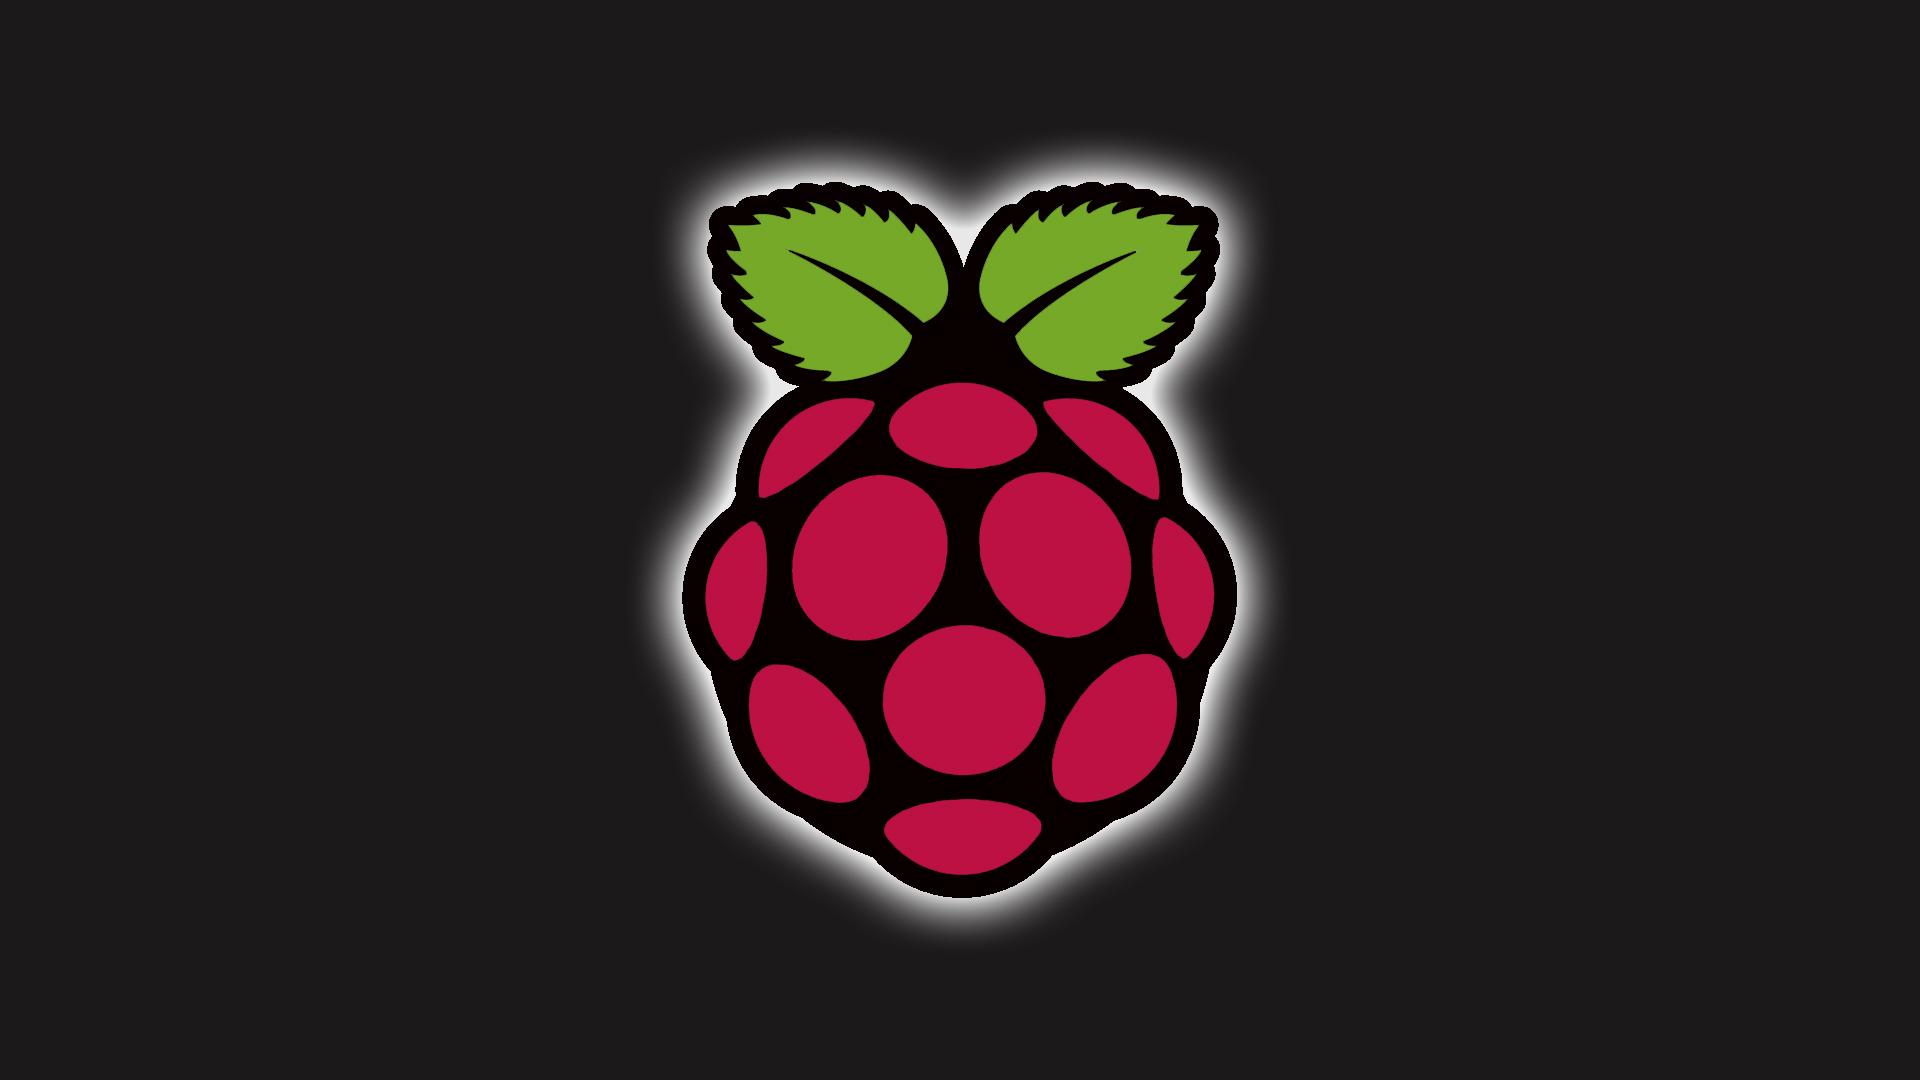 用 Raspberry Pi3 + OpenELEC 打造家庭多媒体中心